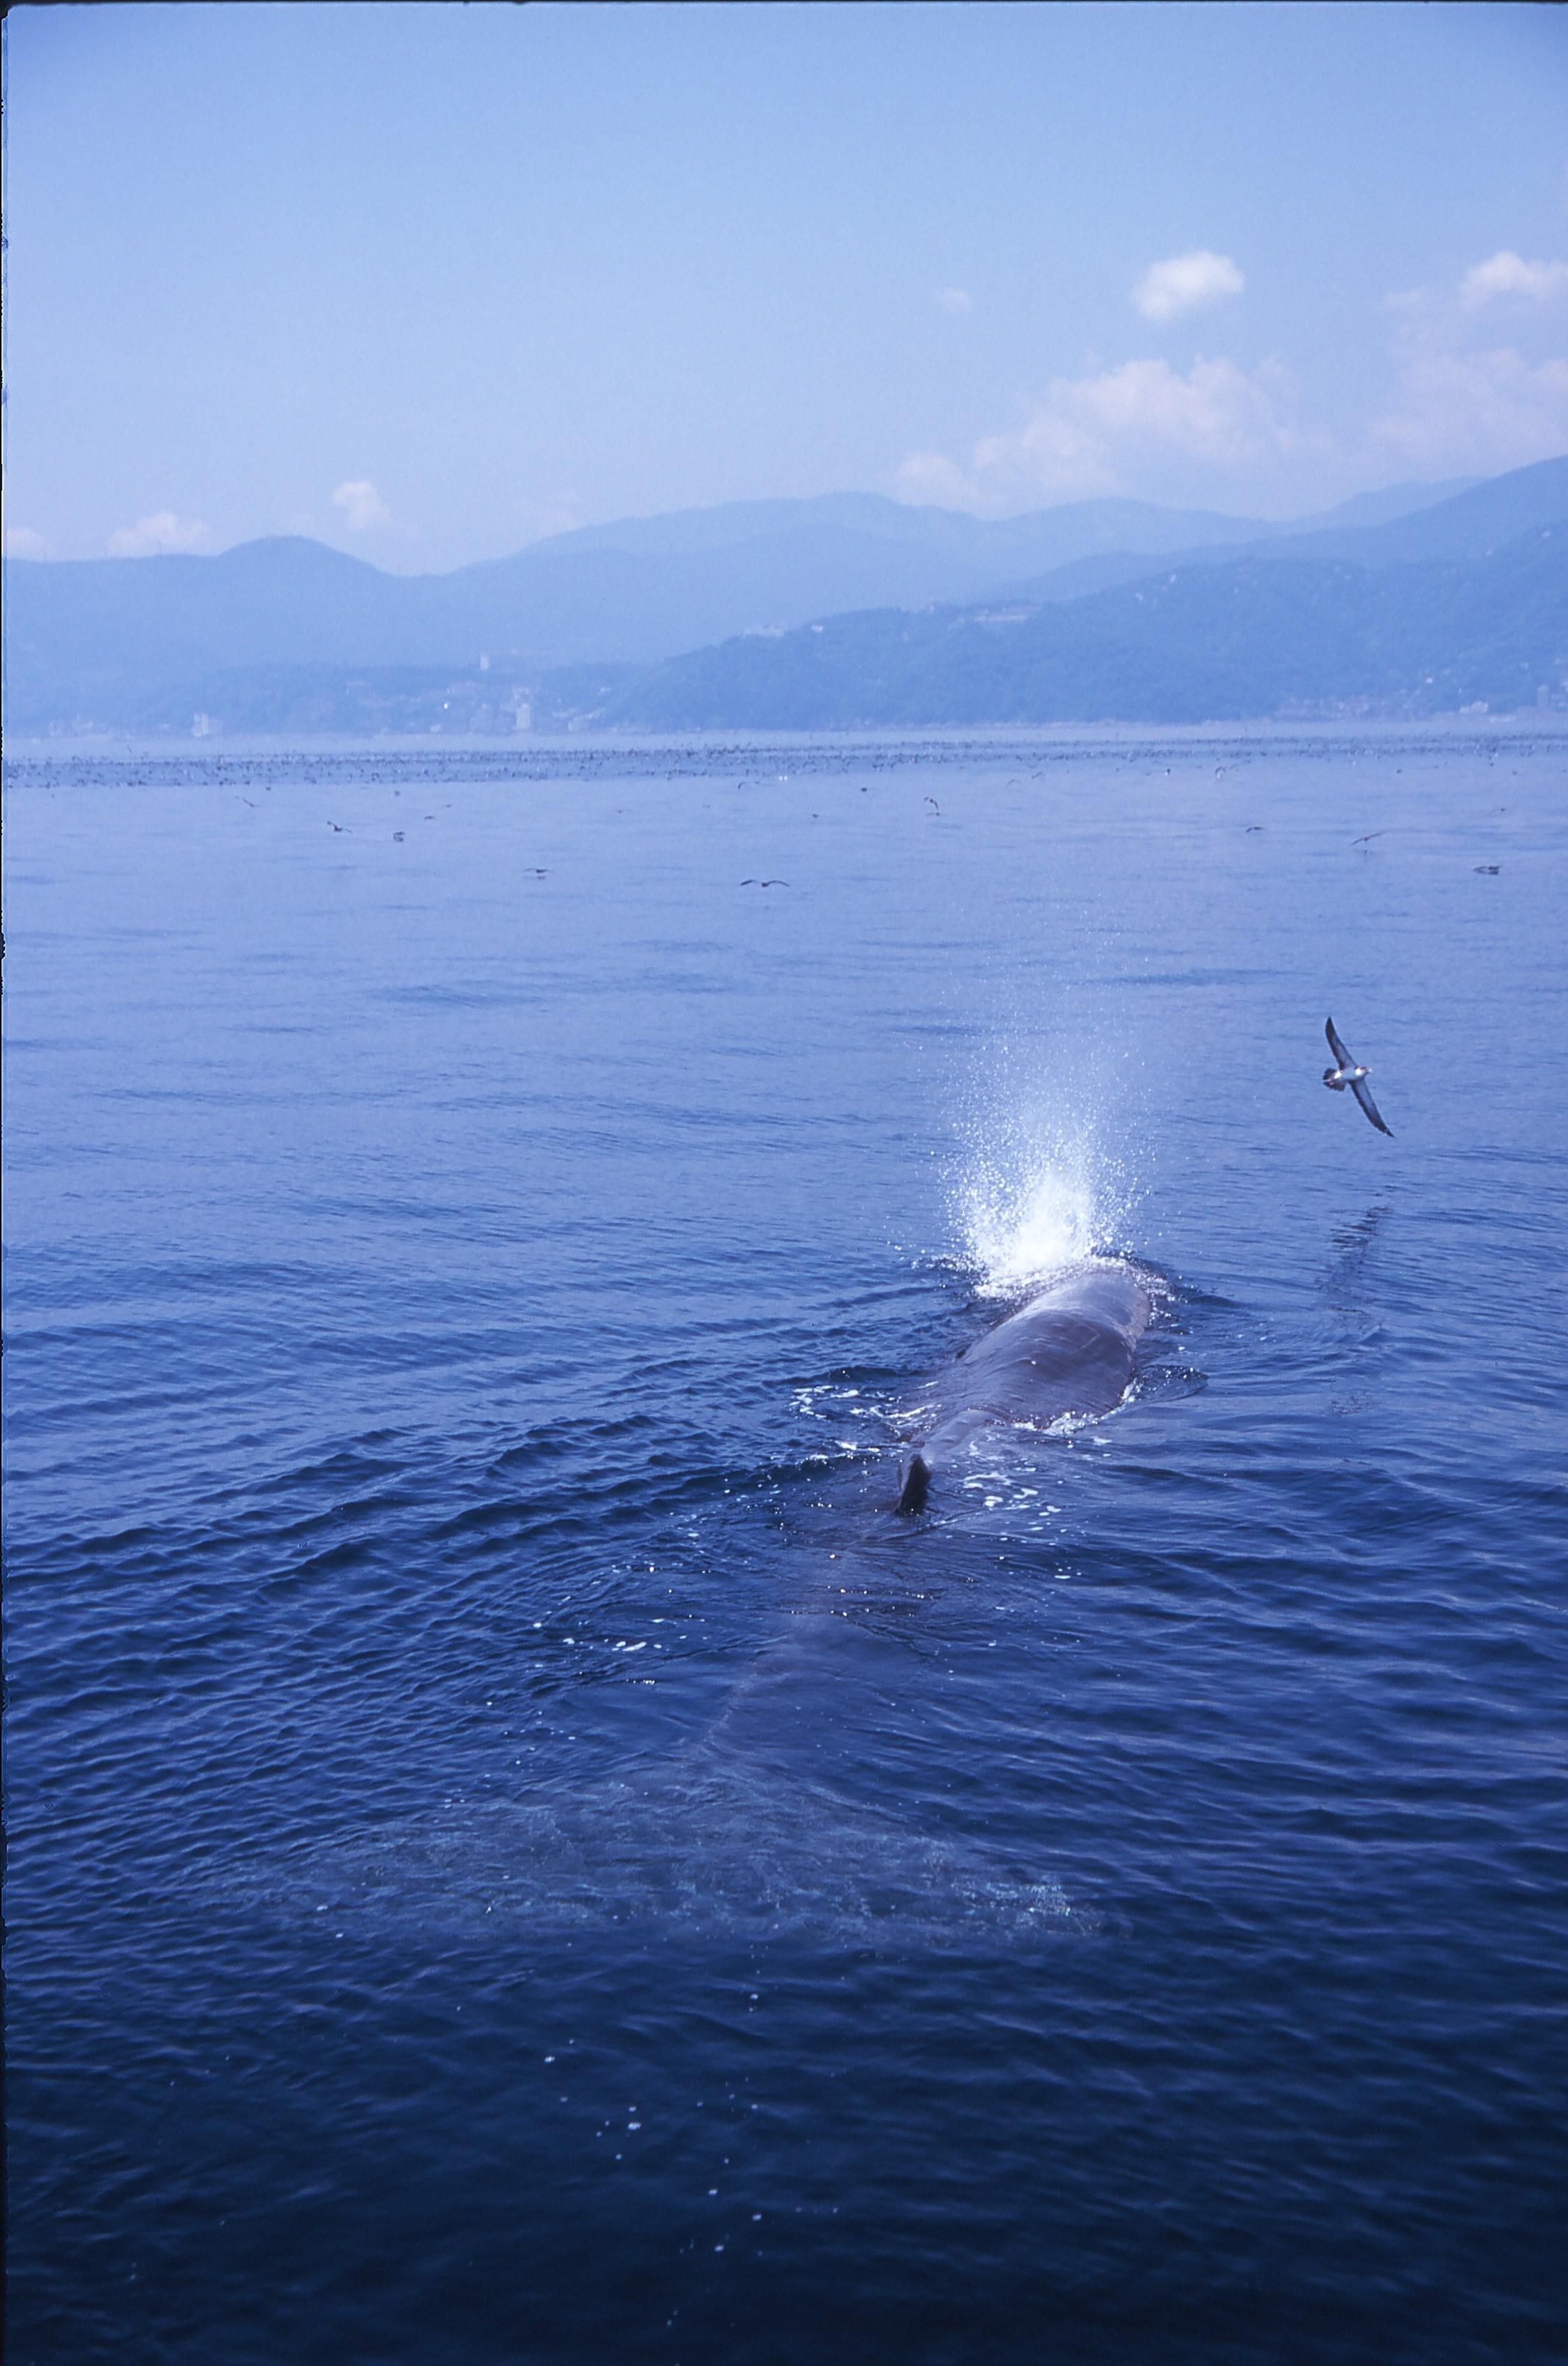 運が良ければマッコウクジラにも出逢えます!